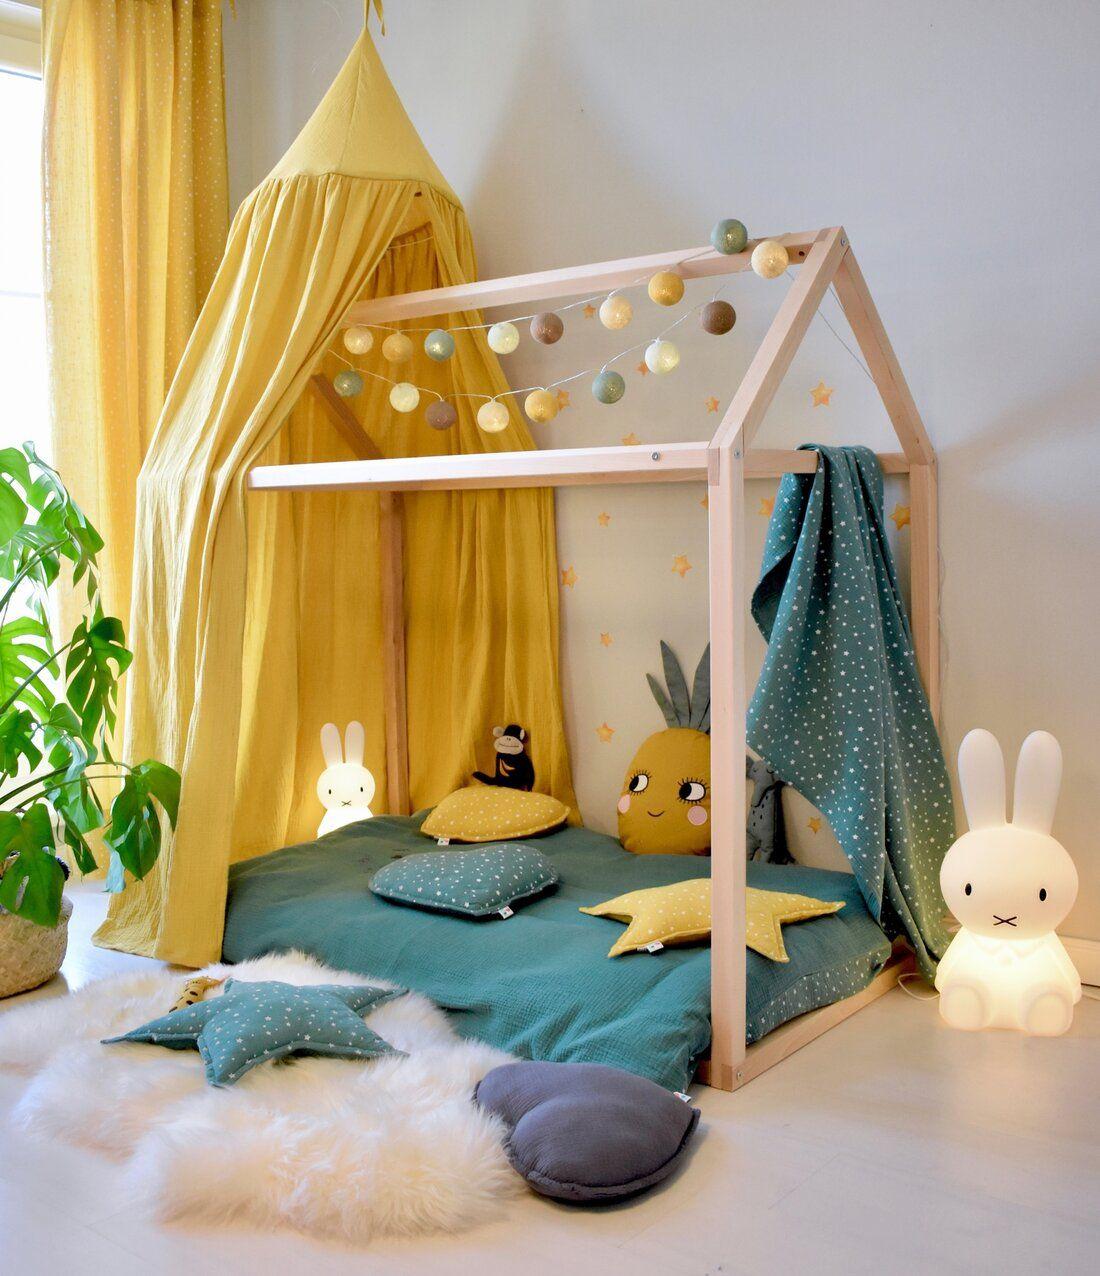 Kinderzimmer mit Hausbett im tropischen Look bei Fantasyroom online kaufen